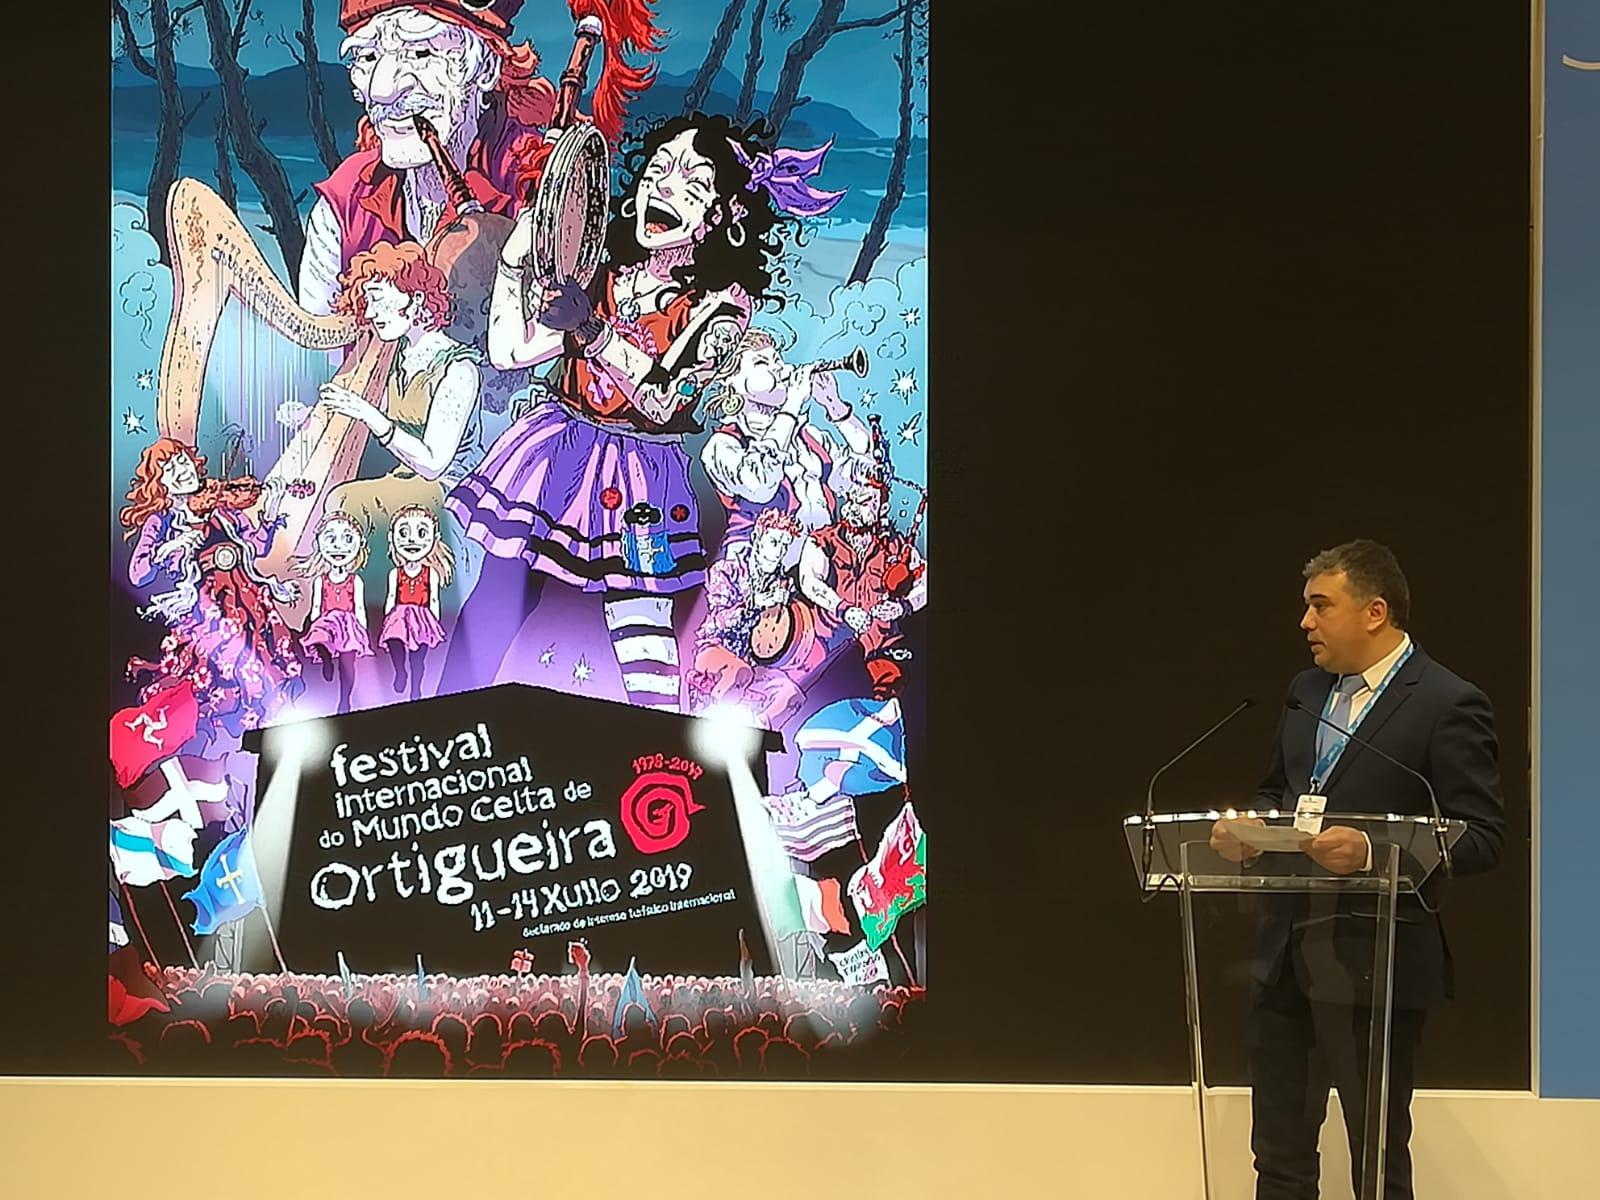 festival ortigueira 2019